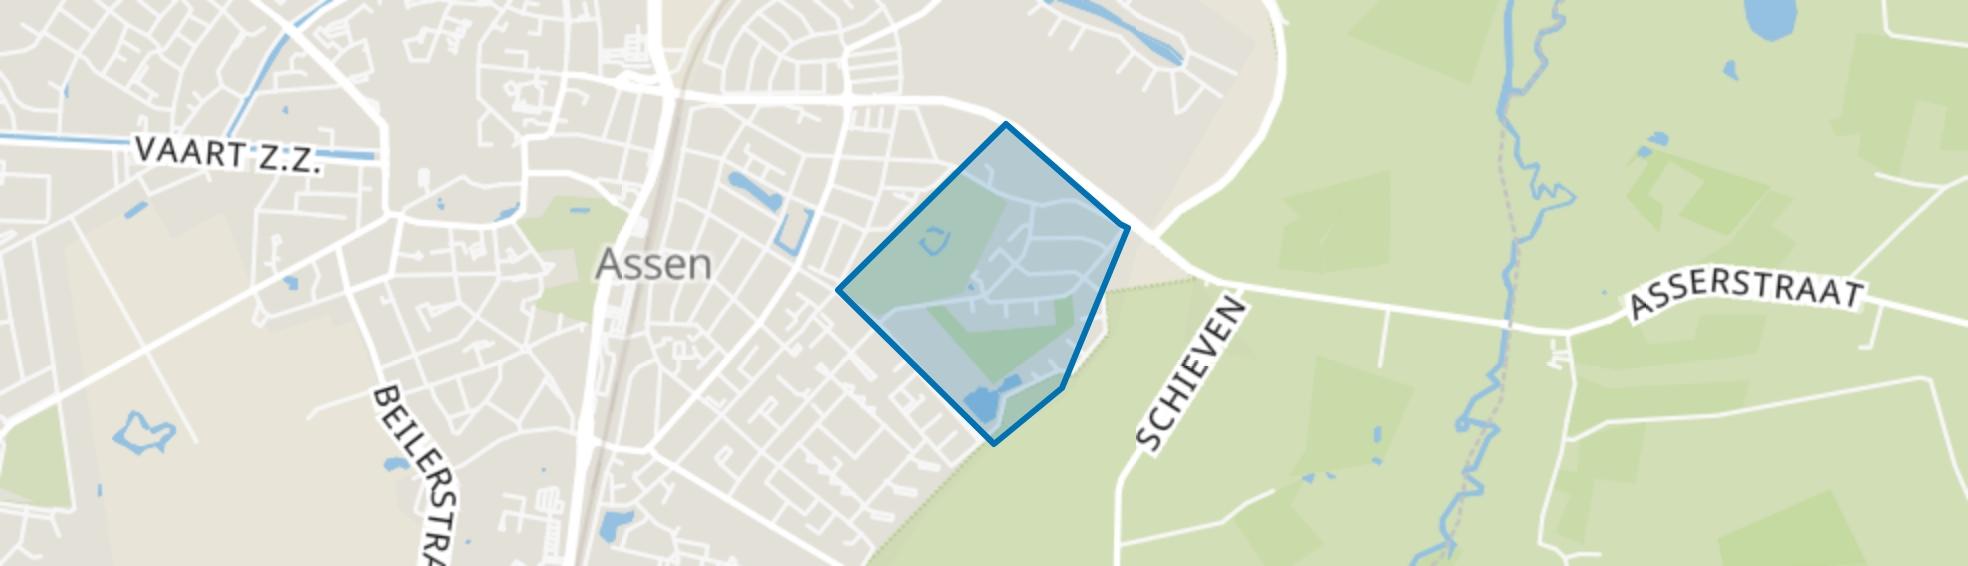 Sluisdennen, Assen map